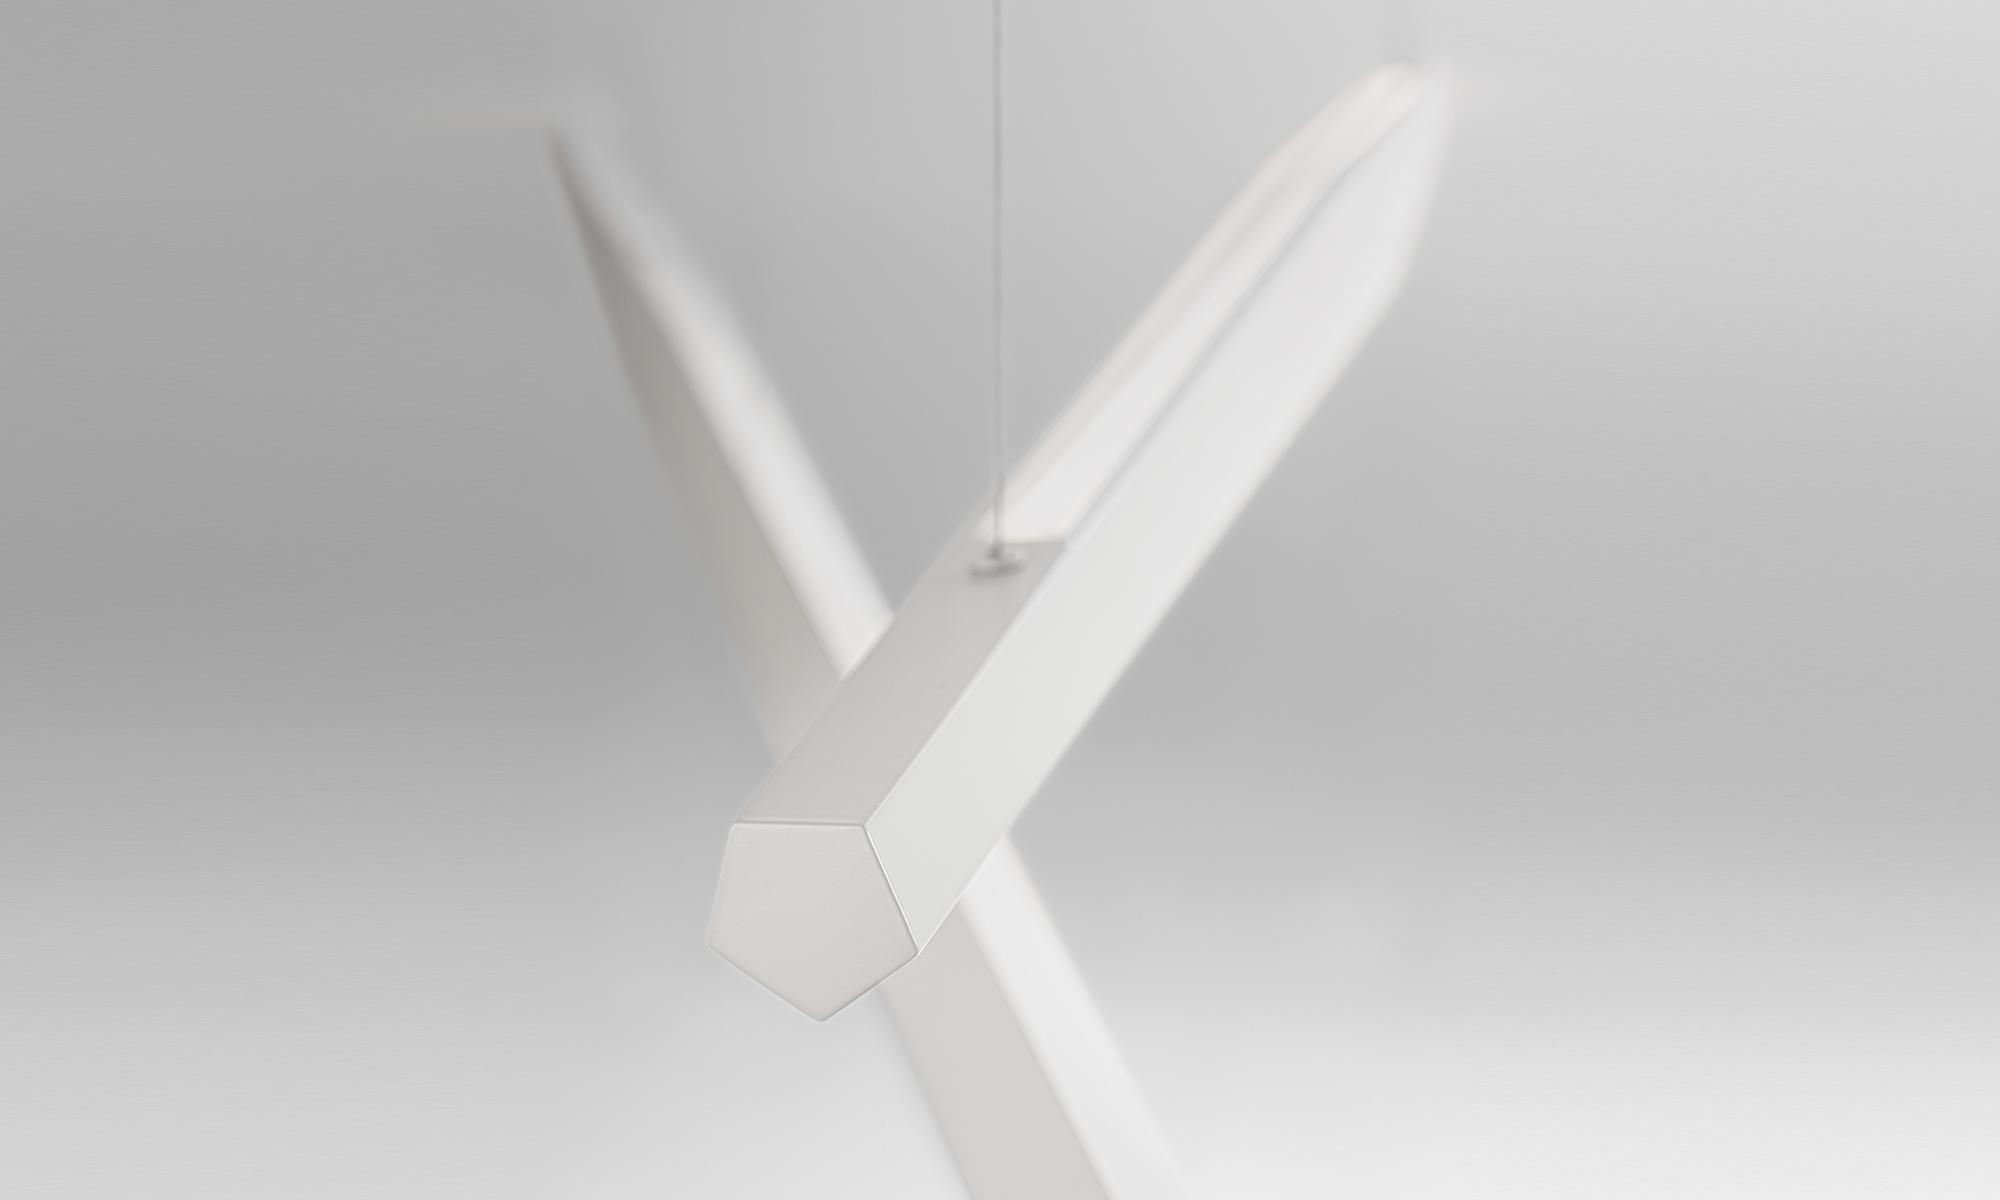 Viisi rippvalgusti Indiretta l=120cm dim valge, ülesse suunatud valgusega